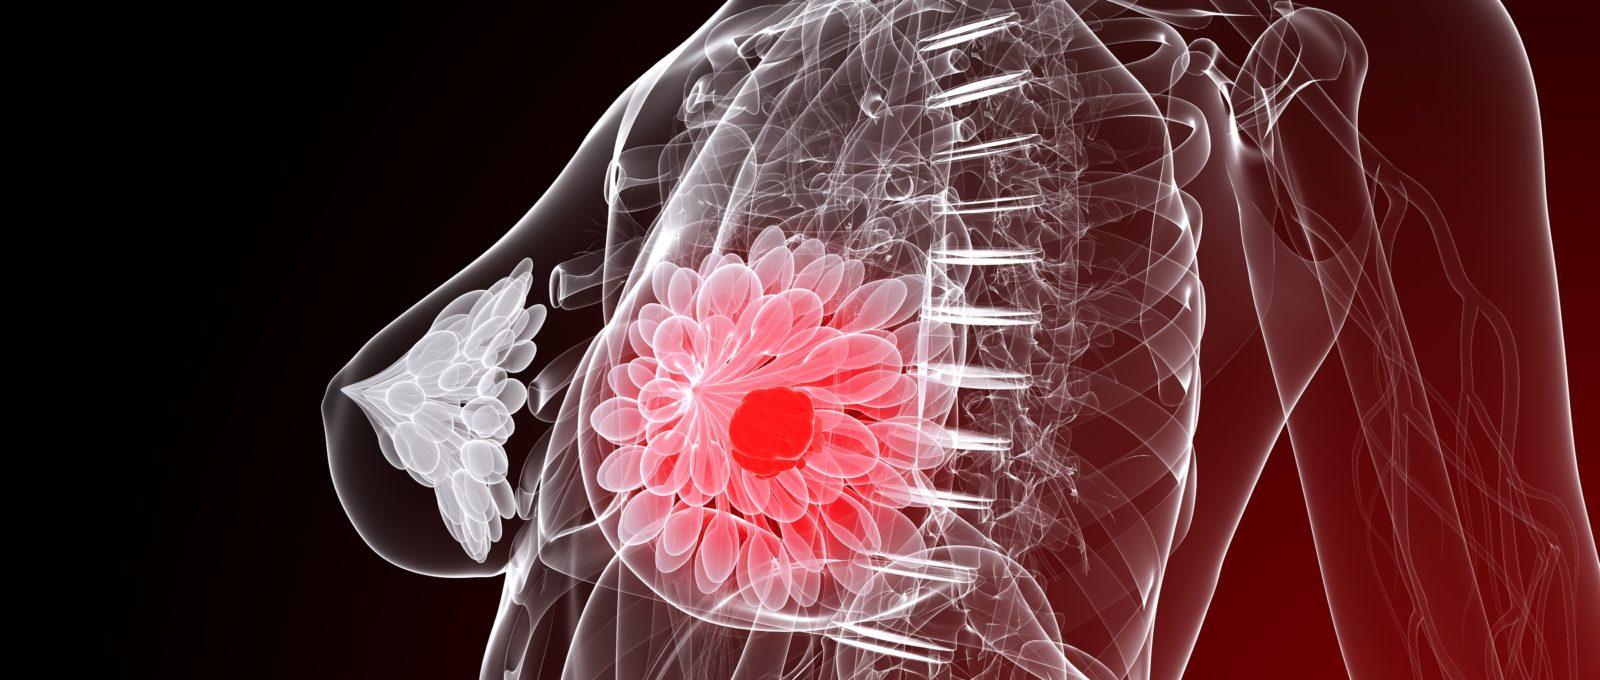 Как не заболеть раком молочной железы